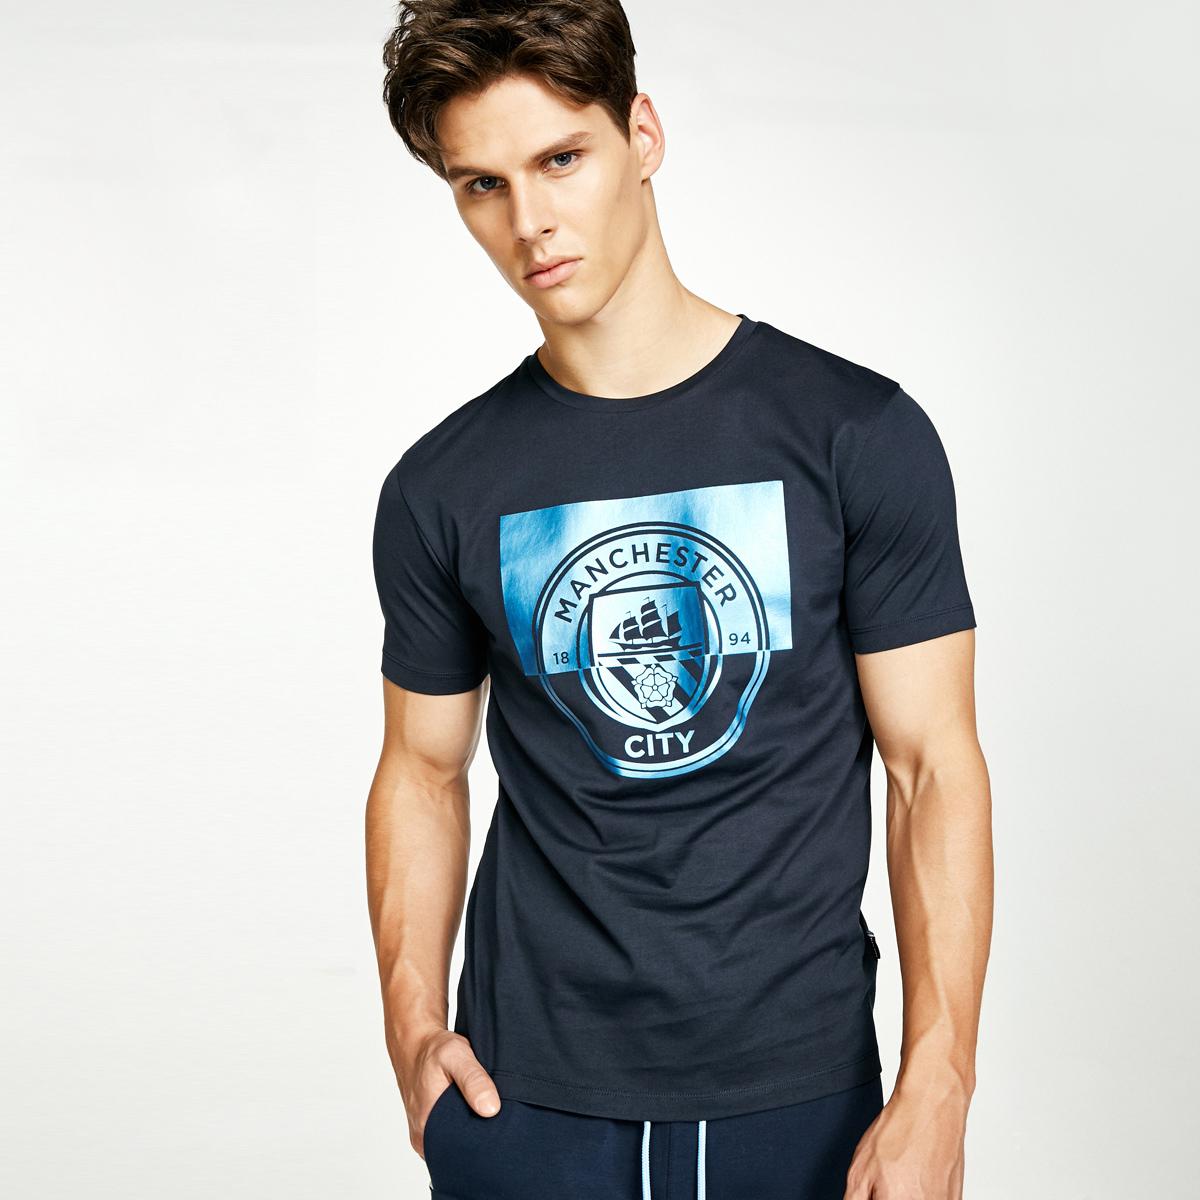 Jack Jones杰克琼斯足球俱乐部男装短袖T恤C 217301551